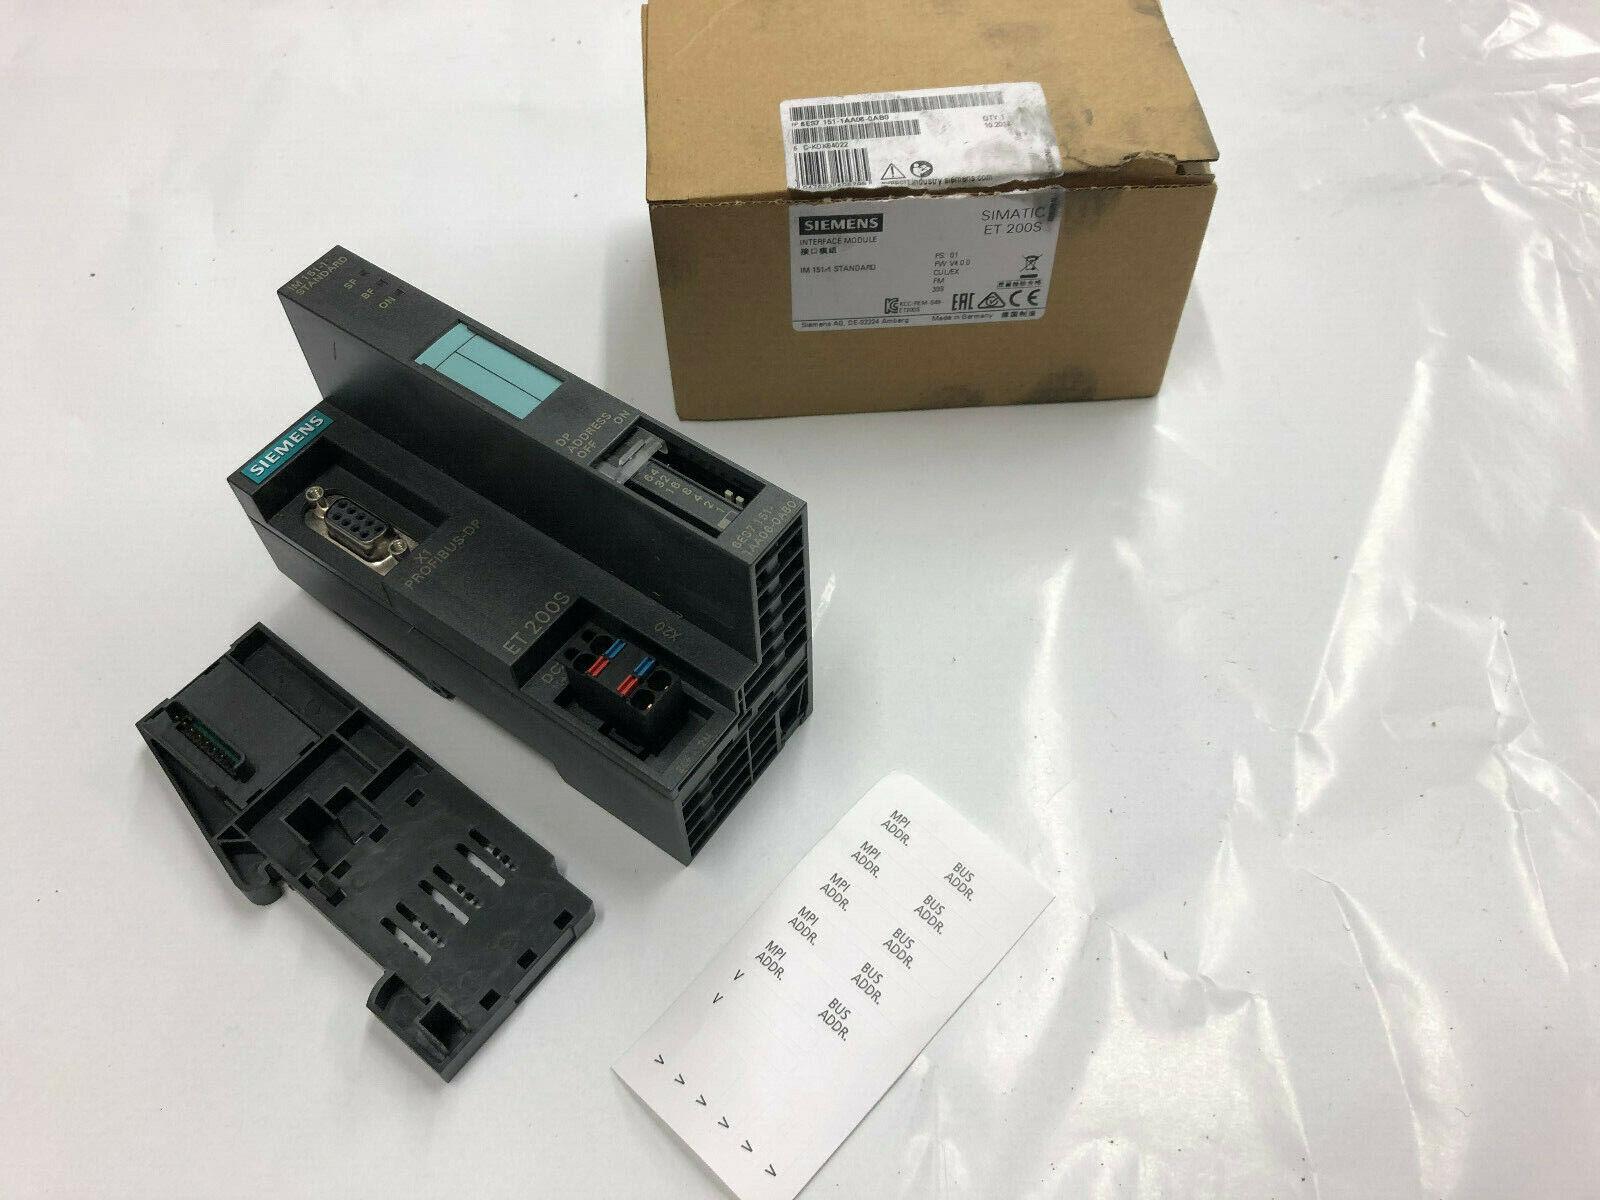 Siemens Simatic S7  ET 200S 6ES7 151-1CA00-0AB0 IM151-1  TOP !